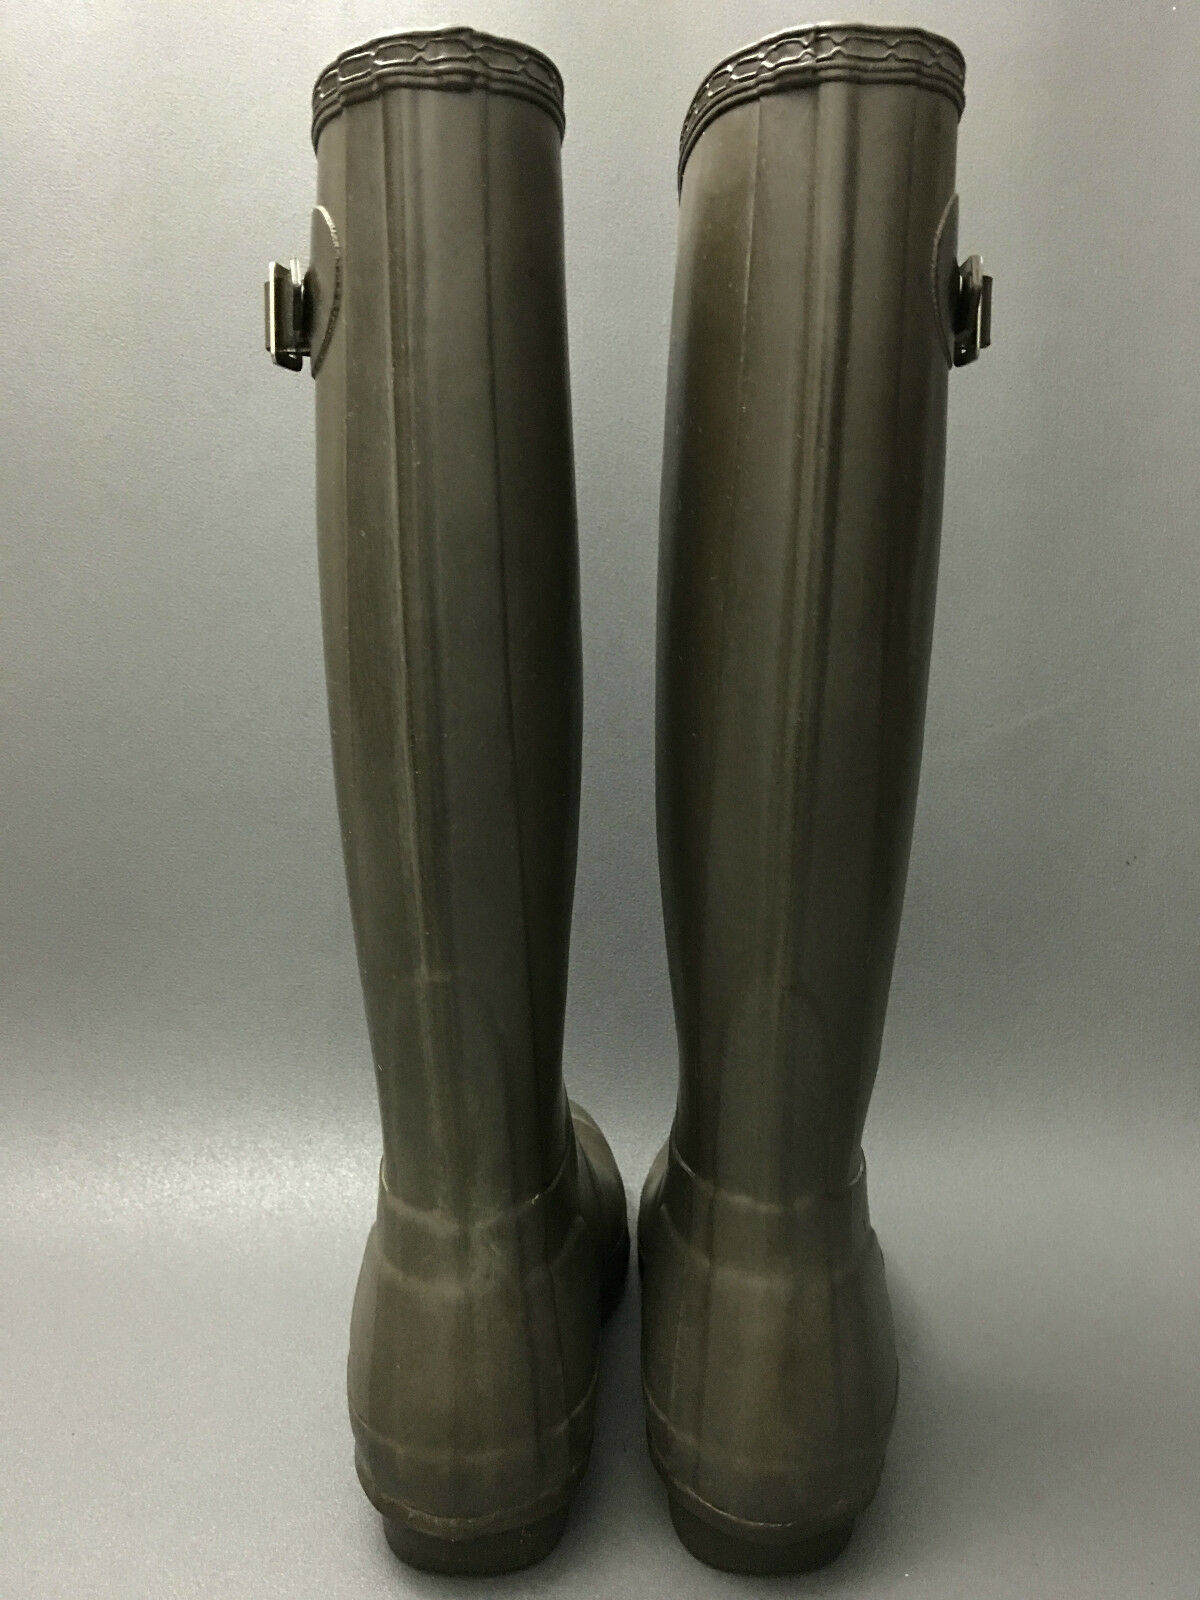 Hunter Original W23499 Unisex Tall Rain dark Sage UK 4 37 -US 5M/ 6F- EU 37 4 fa5404